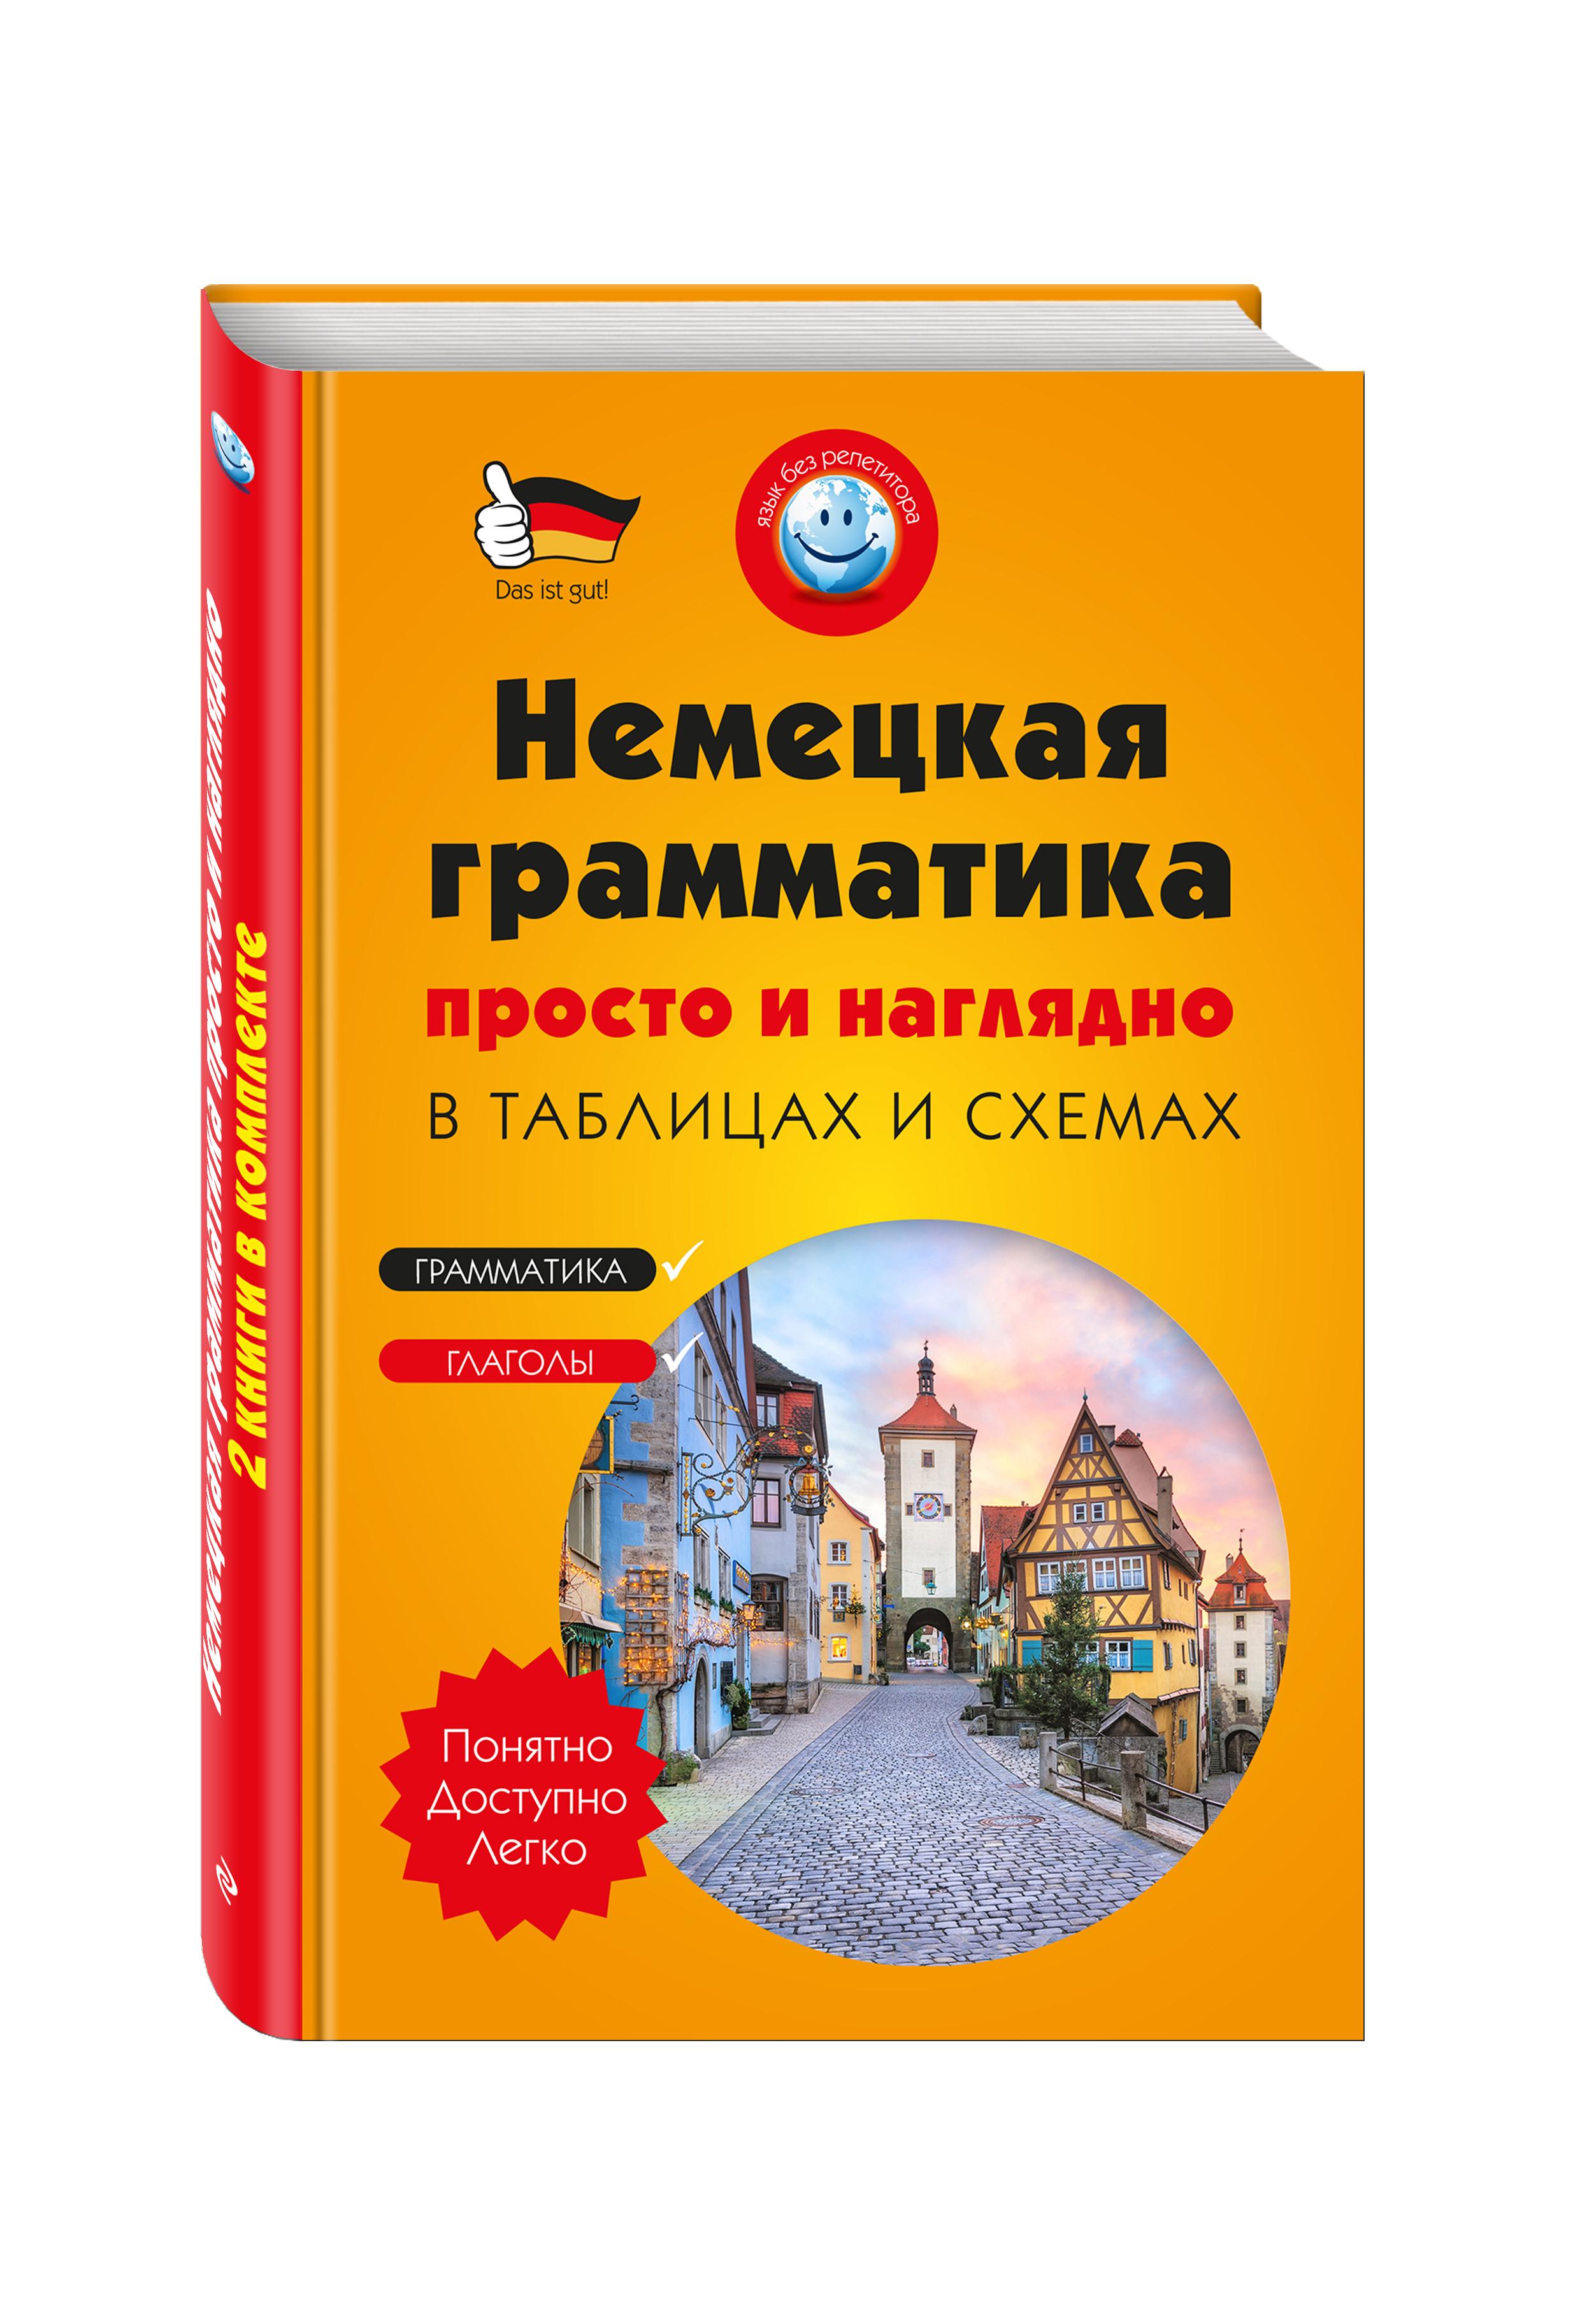 Грамматика немецкого языка в таблицах схемах и рисунках